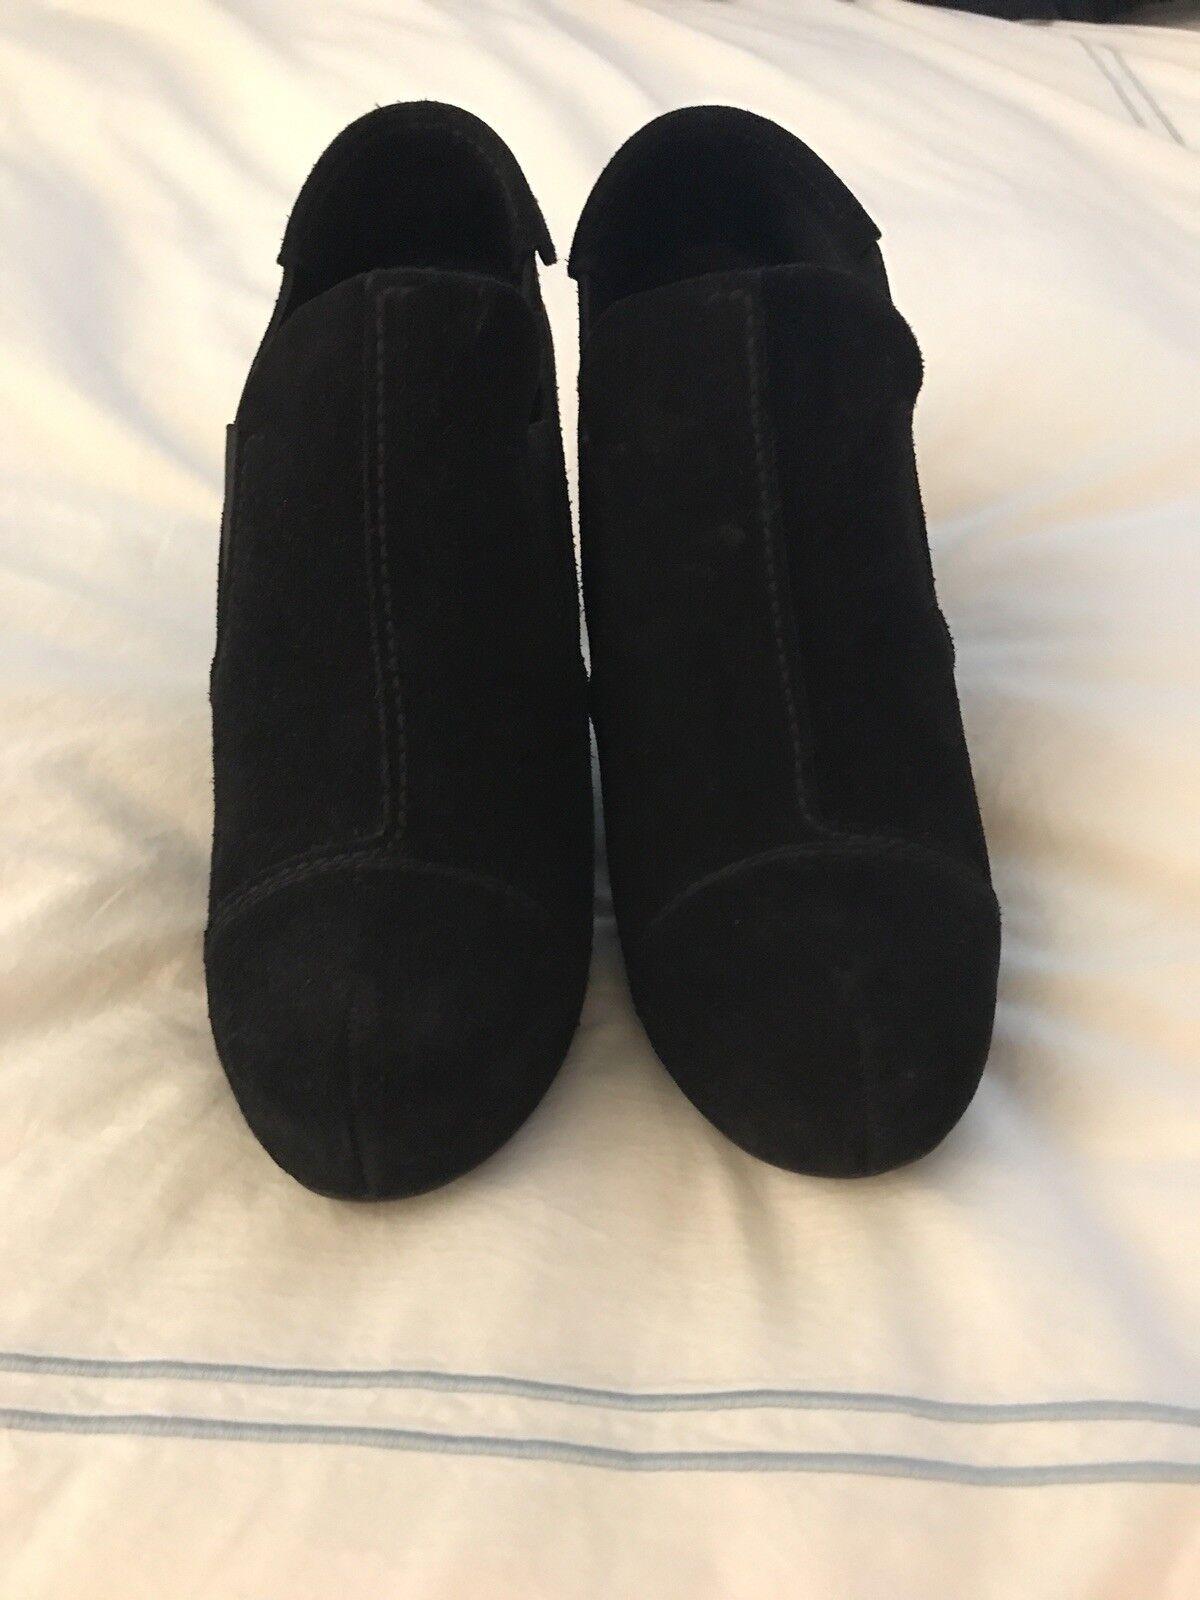 Nuevos Zapatos De Gamuza Gamuza Gamuza Pedro Garcia  descuento de ventas en línea